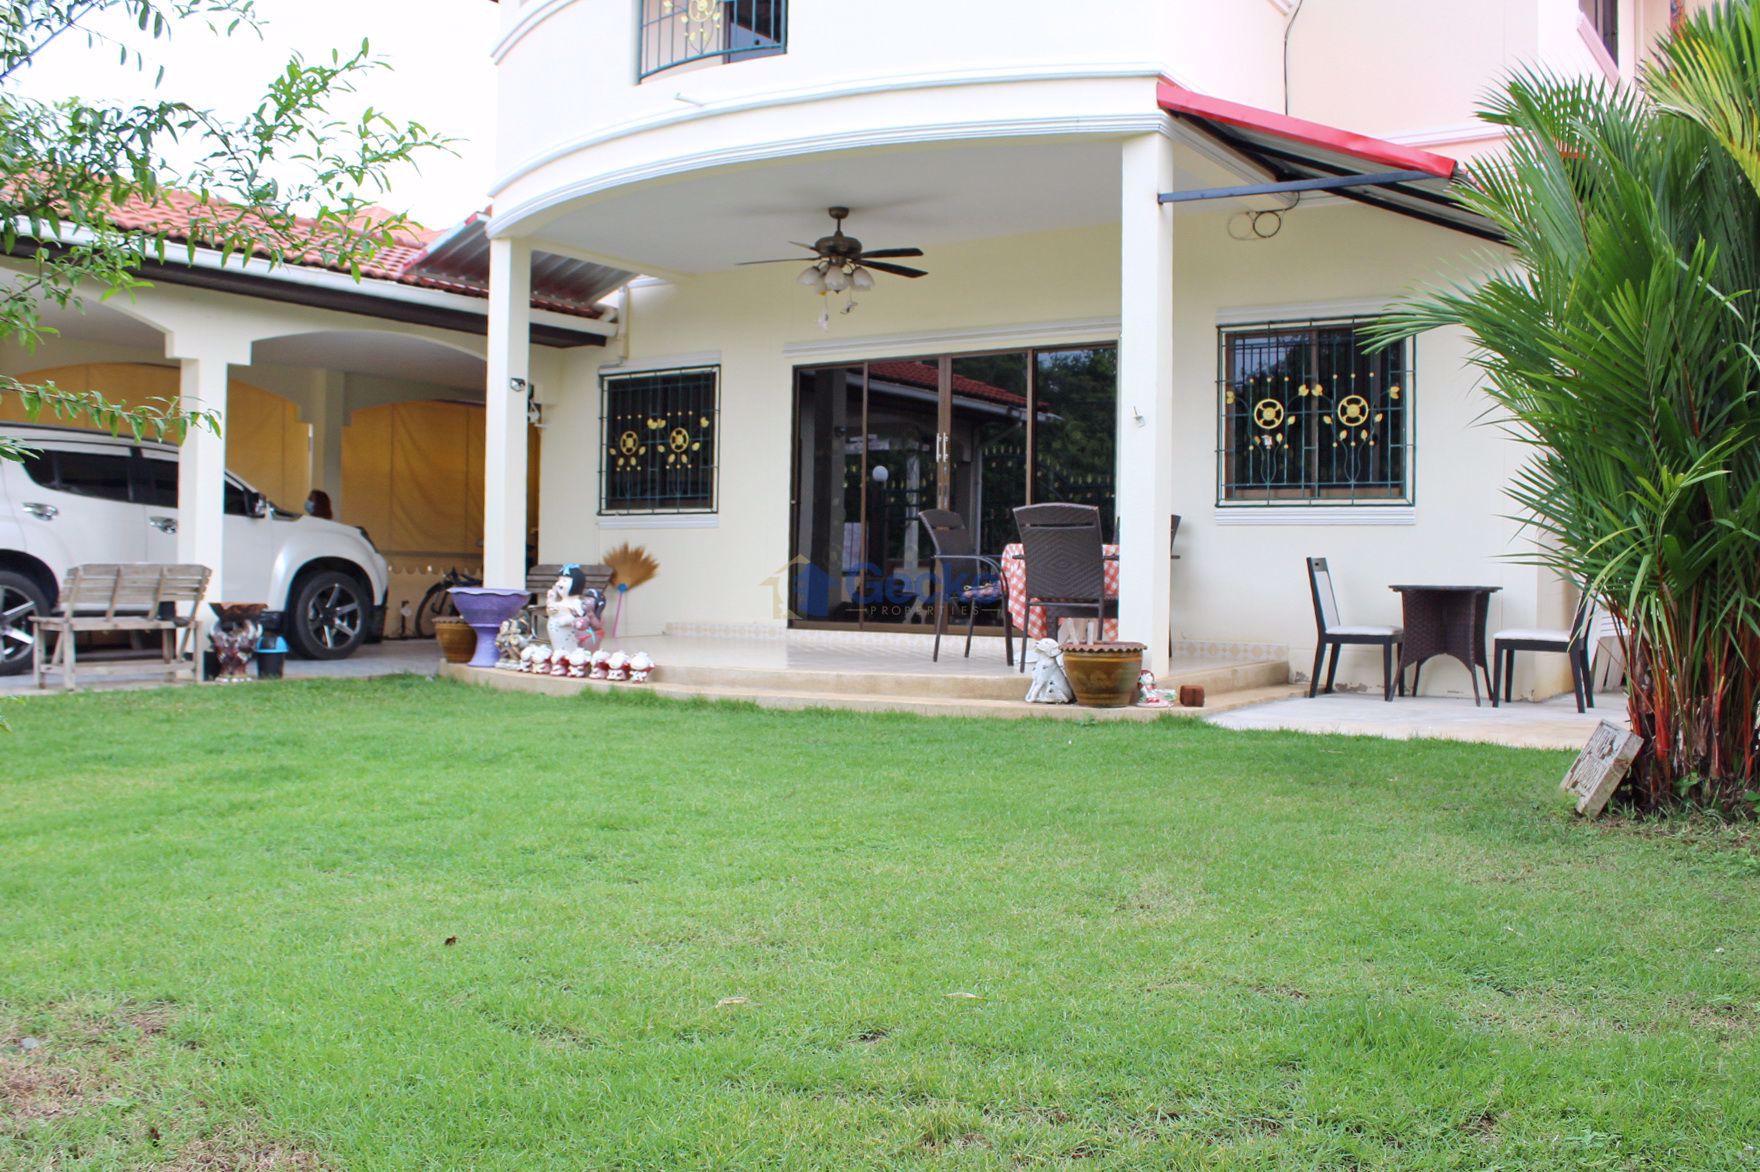 图片 3 Bedrooms bed in House in Royal View Village in East Pattaya H009193